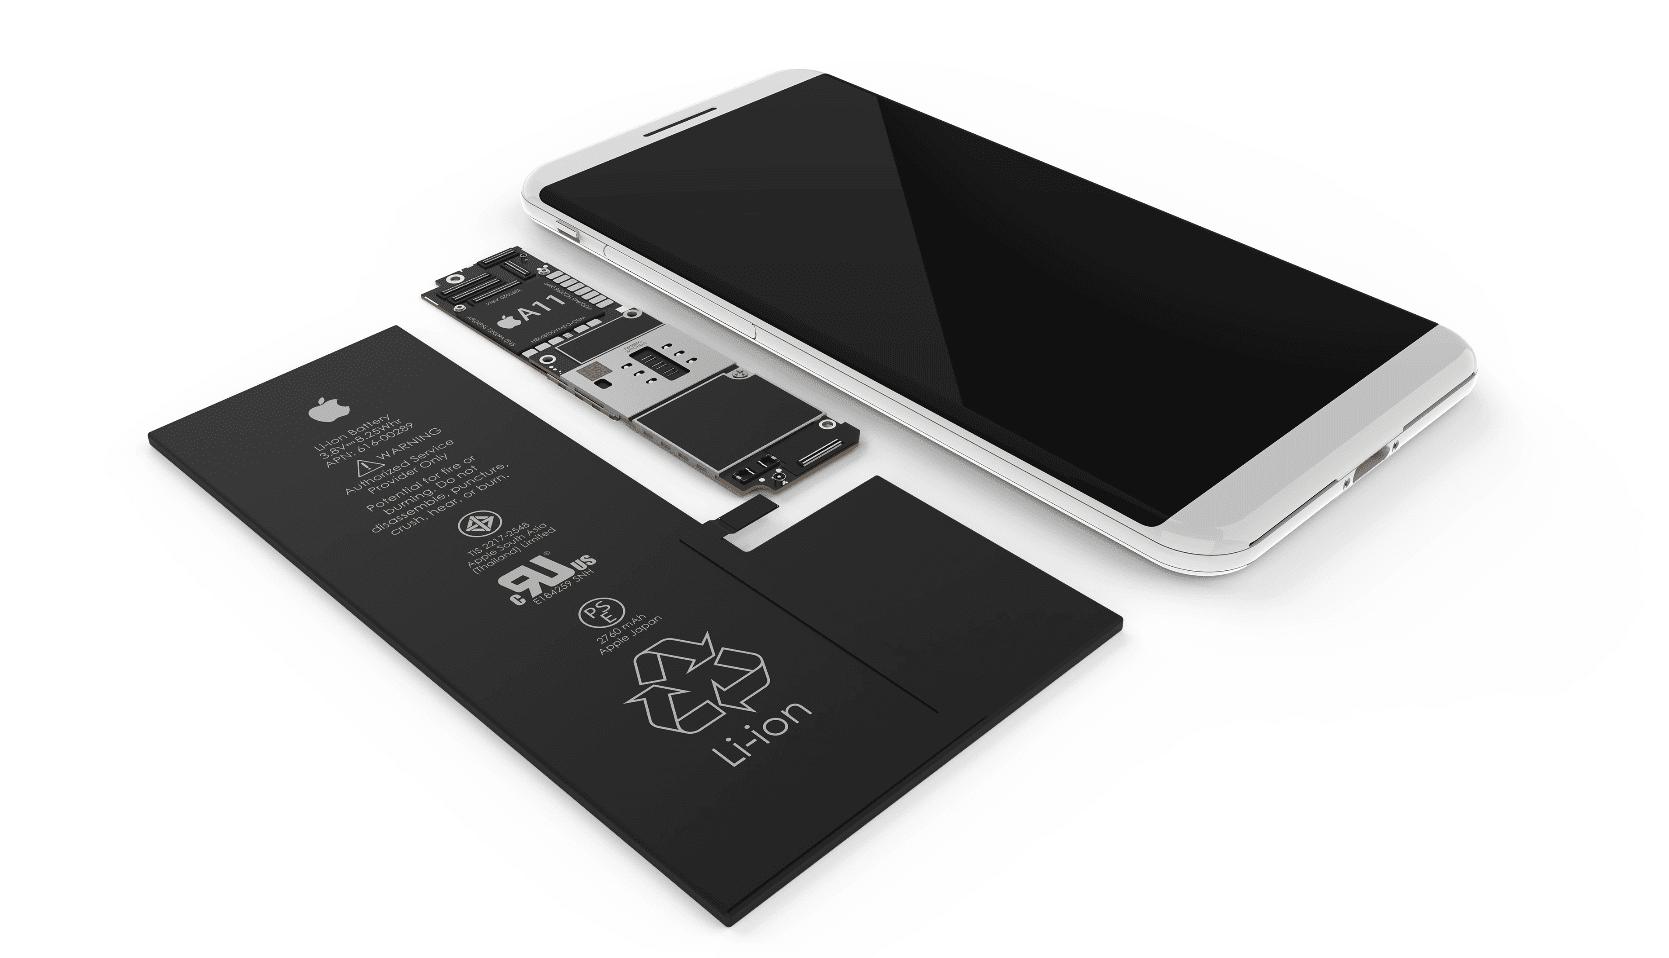 MB Baterie zařízení venku - iPhone 8: Jakých se dočkáme komponentů?